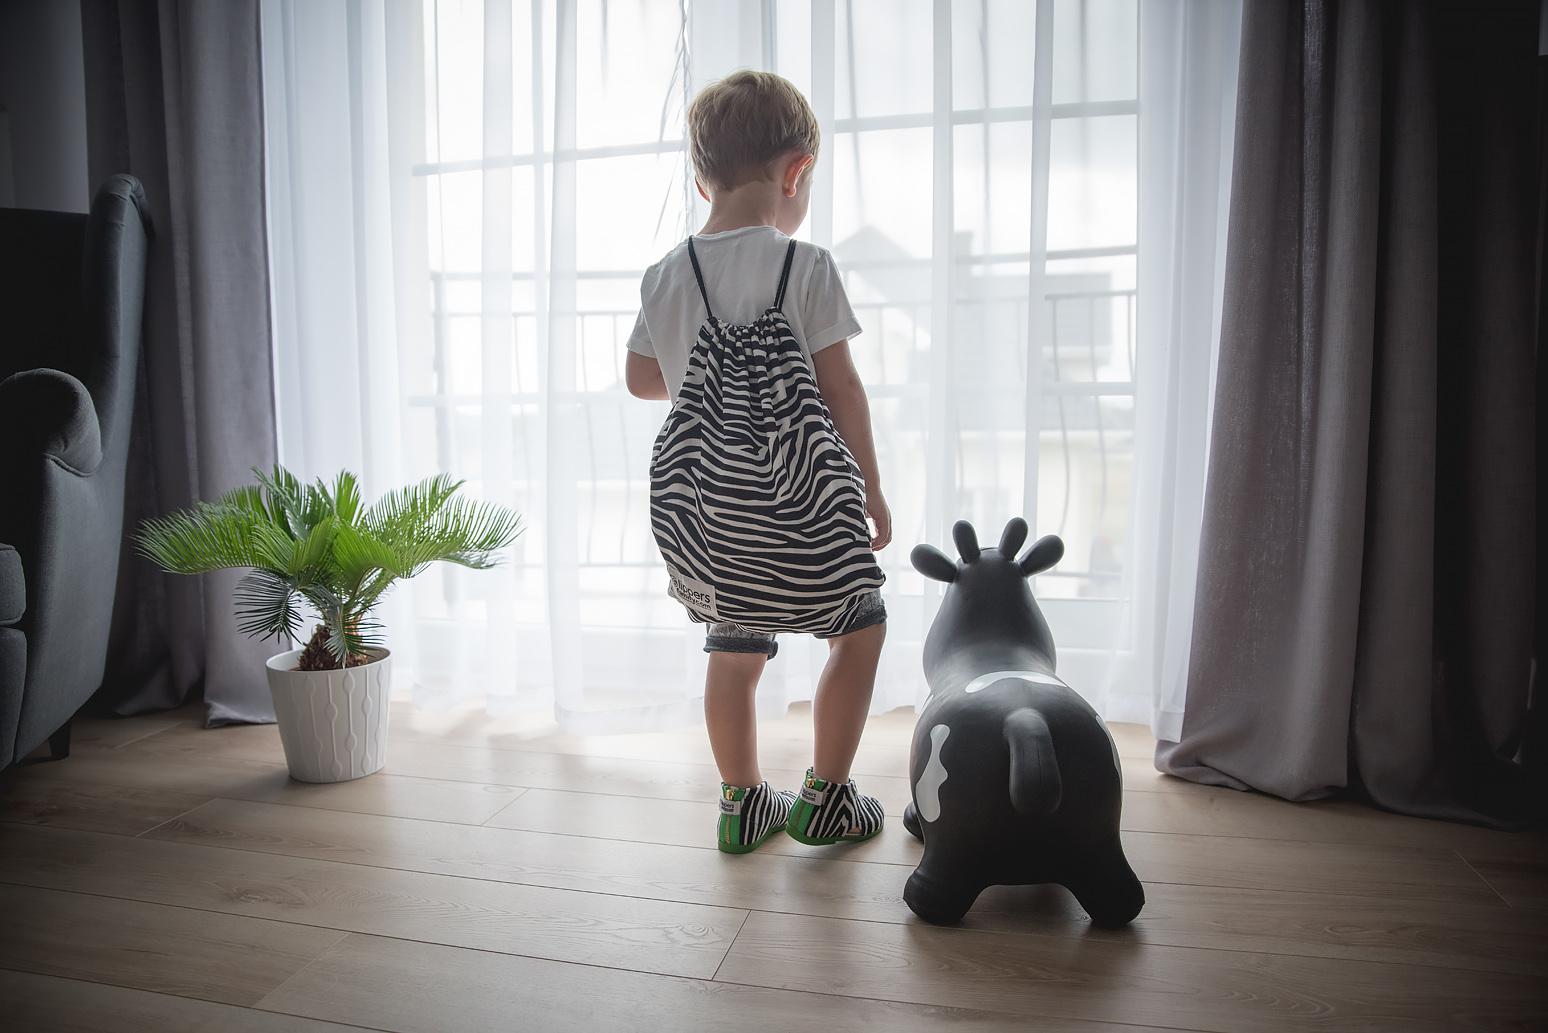 kapcie dla dziecka slippers